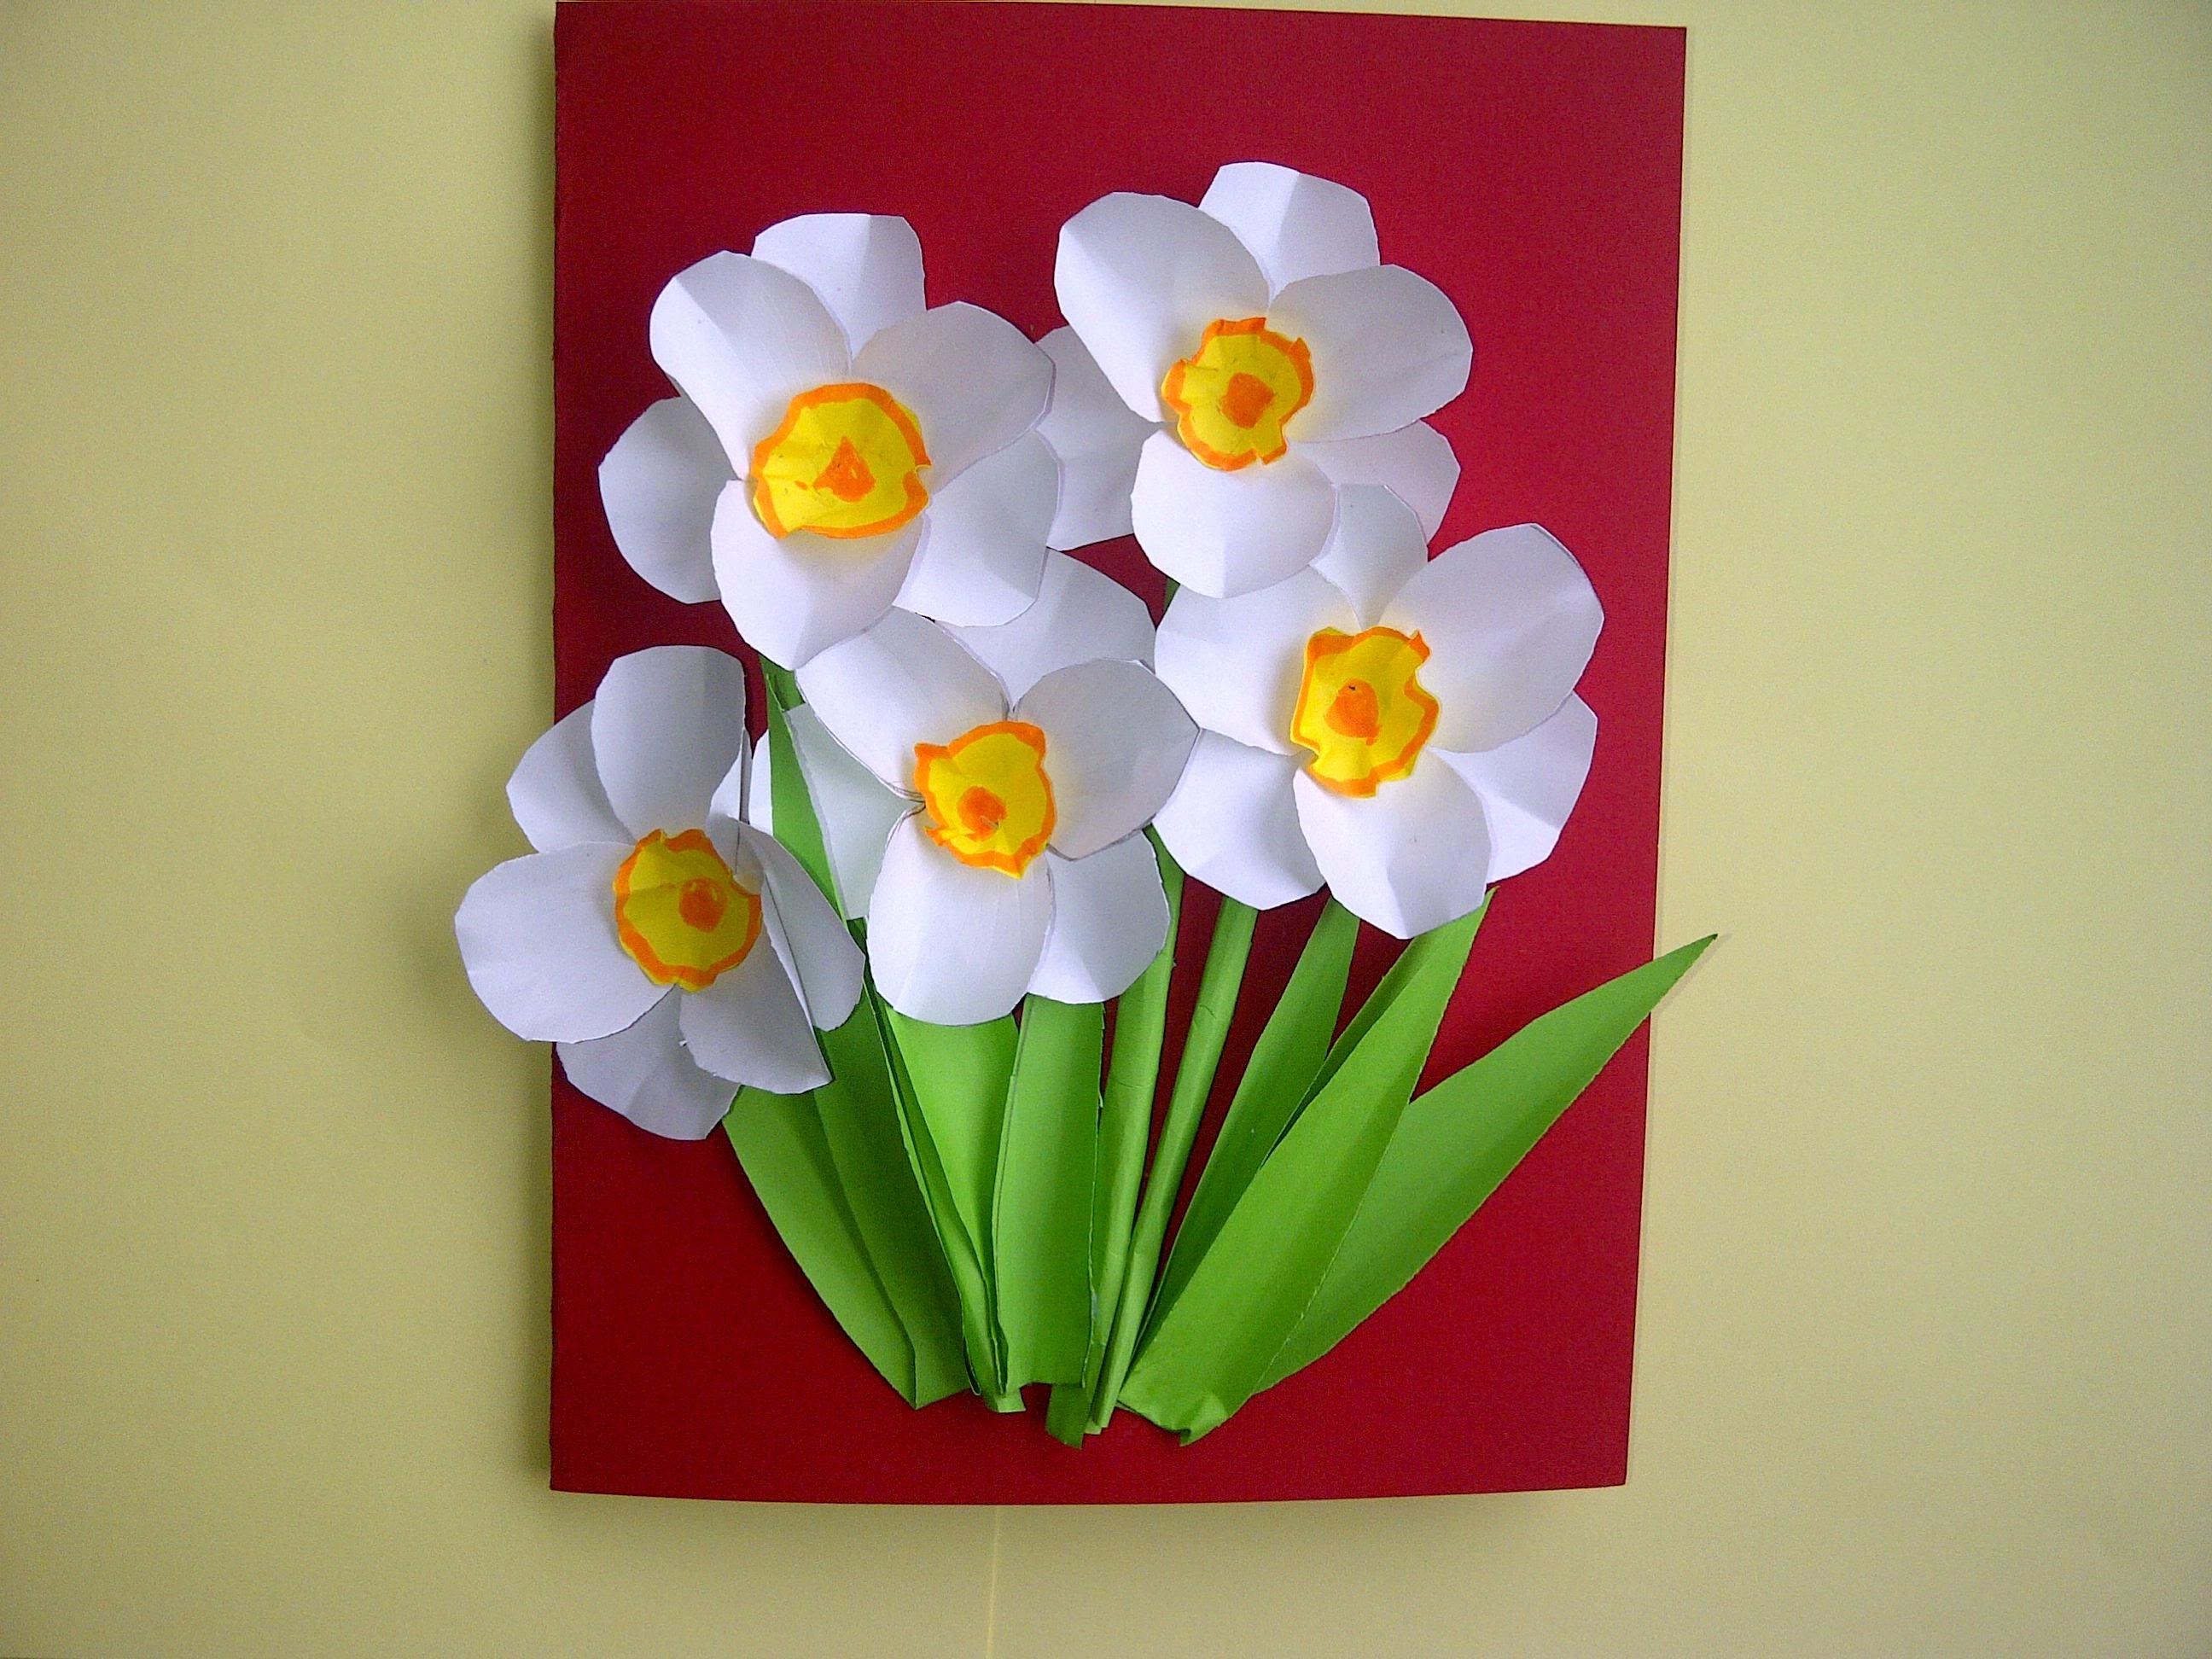 Как сделать поздравительную открытку с цветами (нарциссами) - карточка от пользователя r.chaykivska в Яндекс.Коллекциях